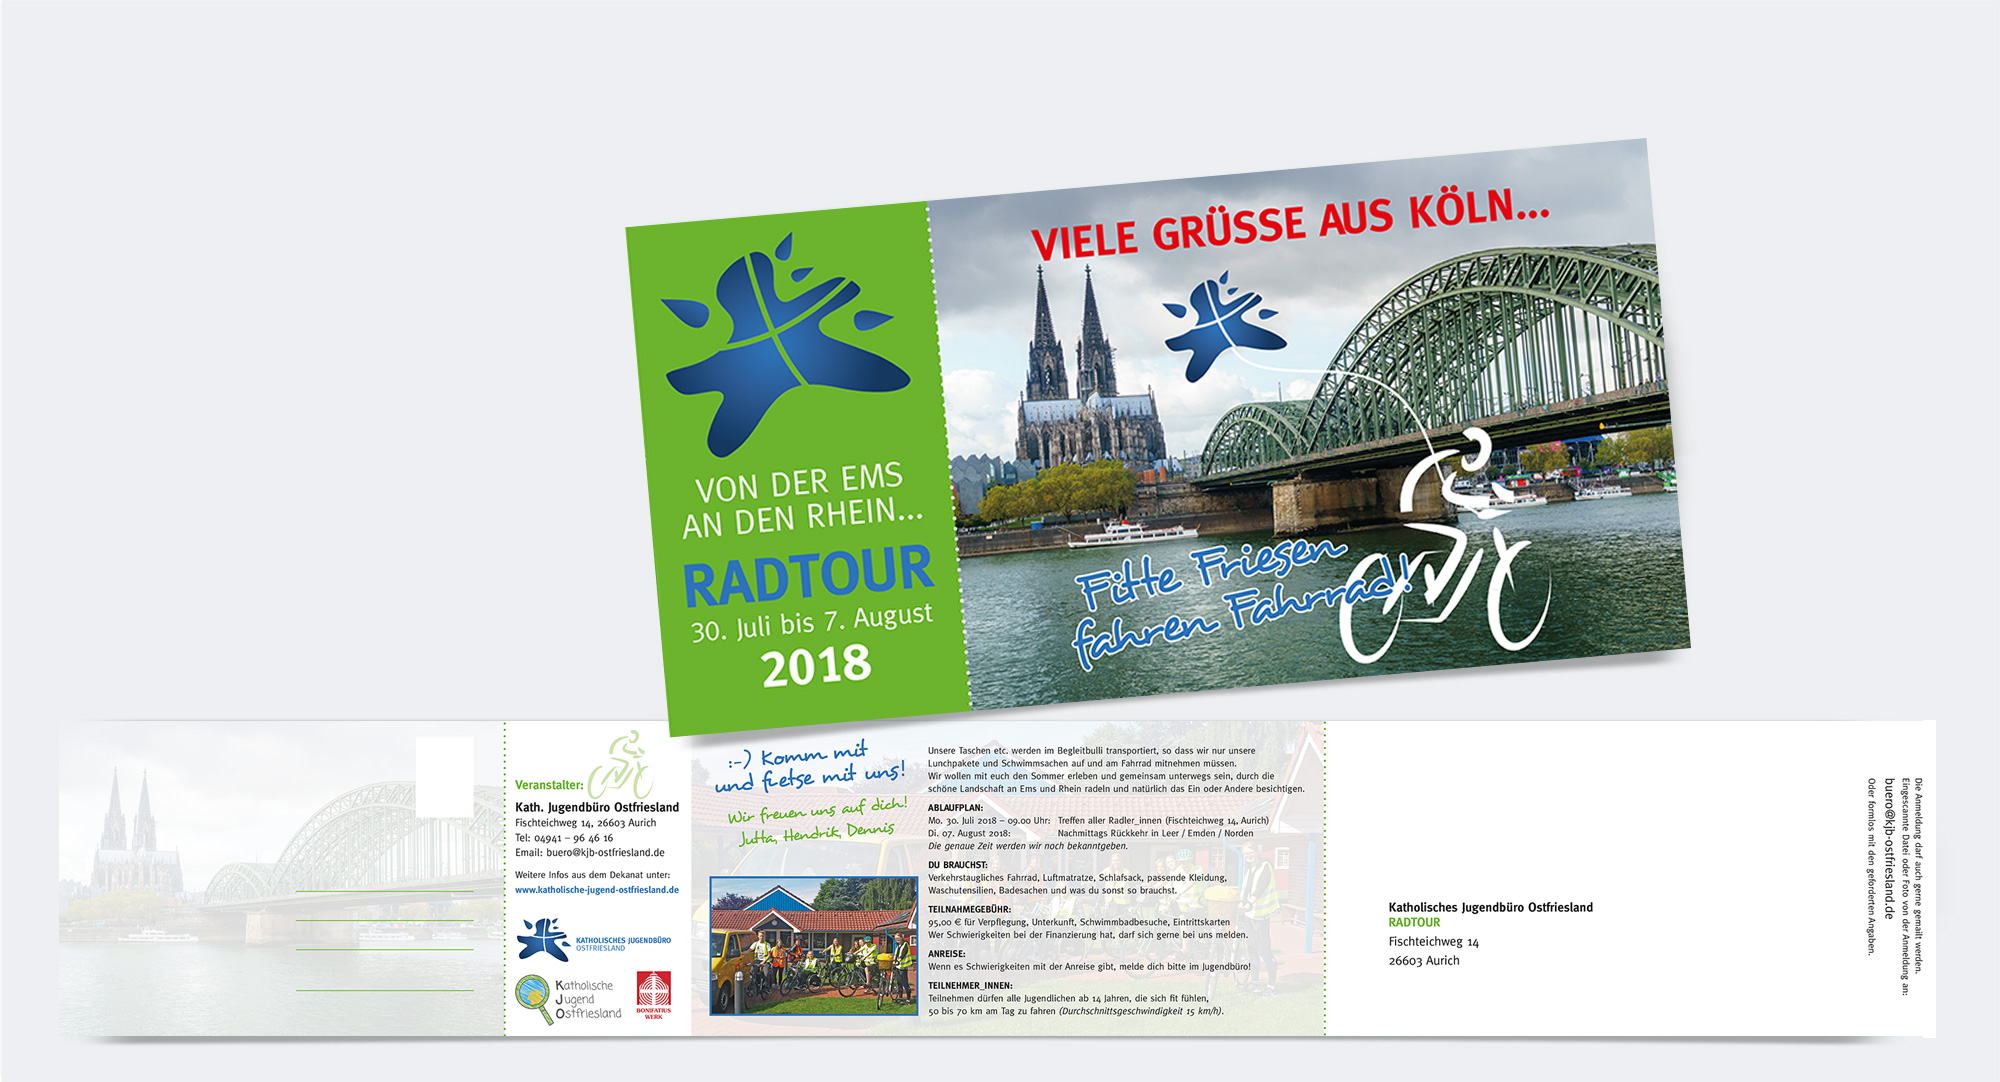 Katholische Jugend Ostfriesland – Flyer für eine Radtour, inkl. Postkarte